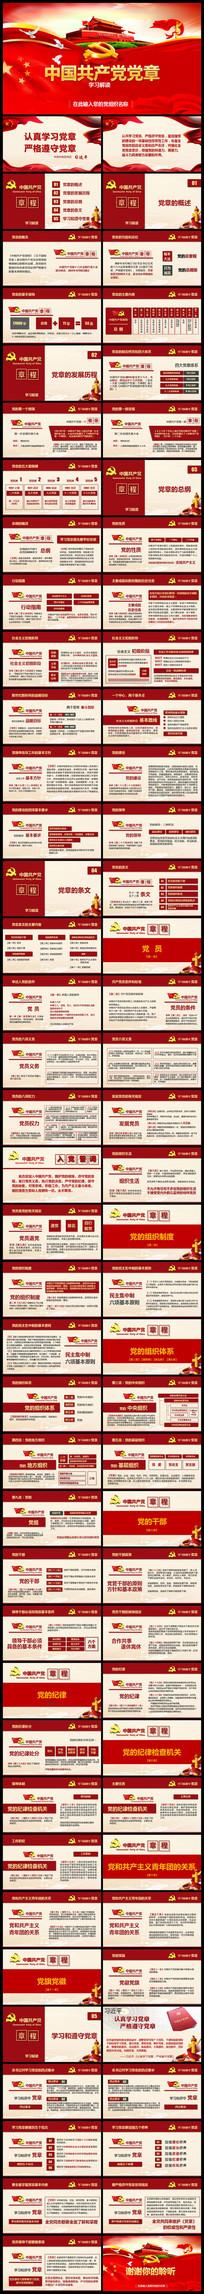 中国共产党章程党章党规学习ppt